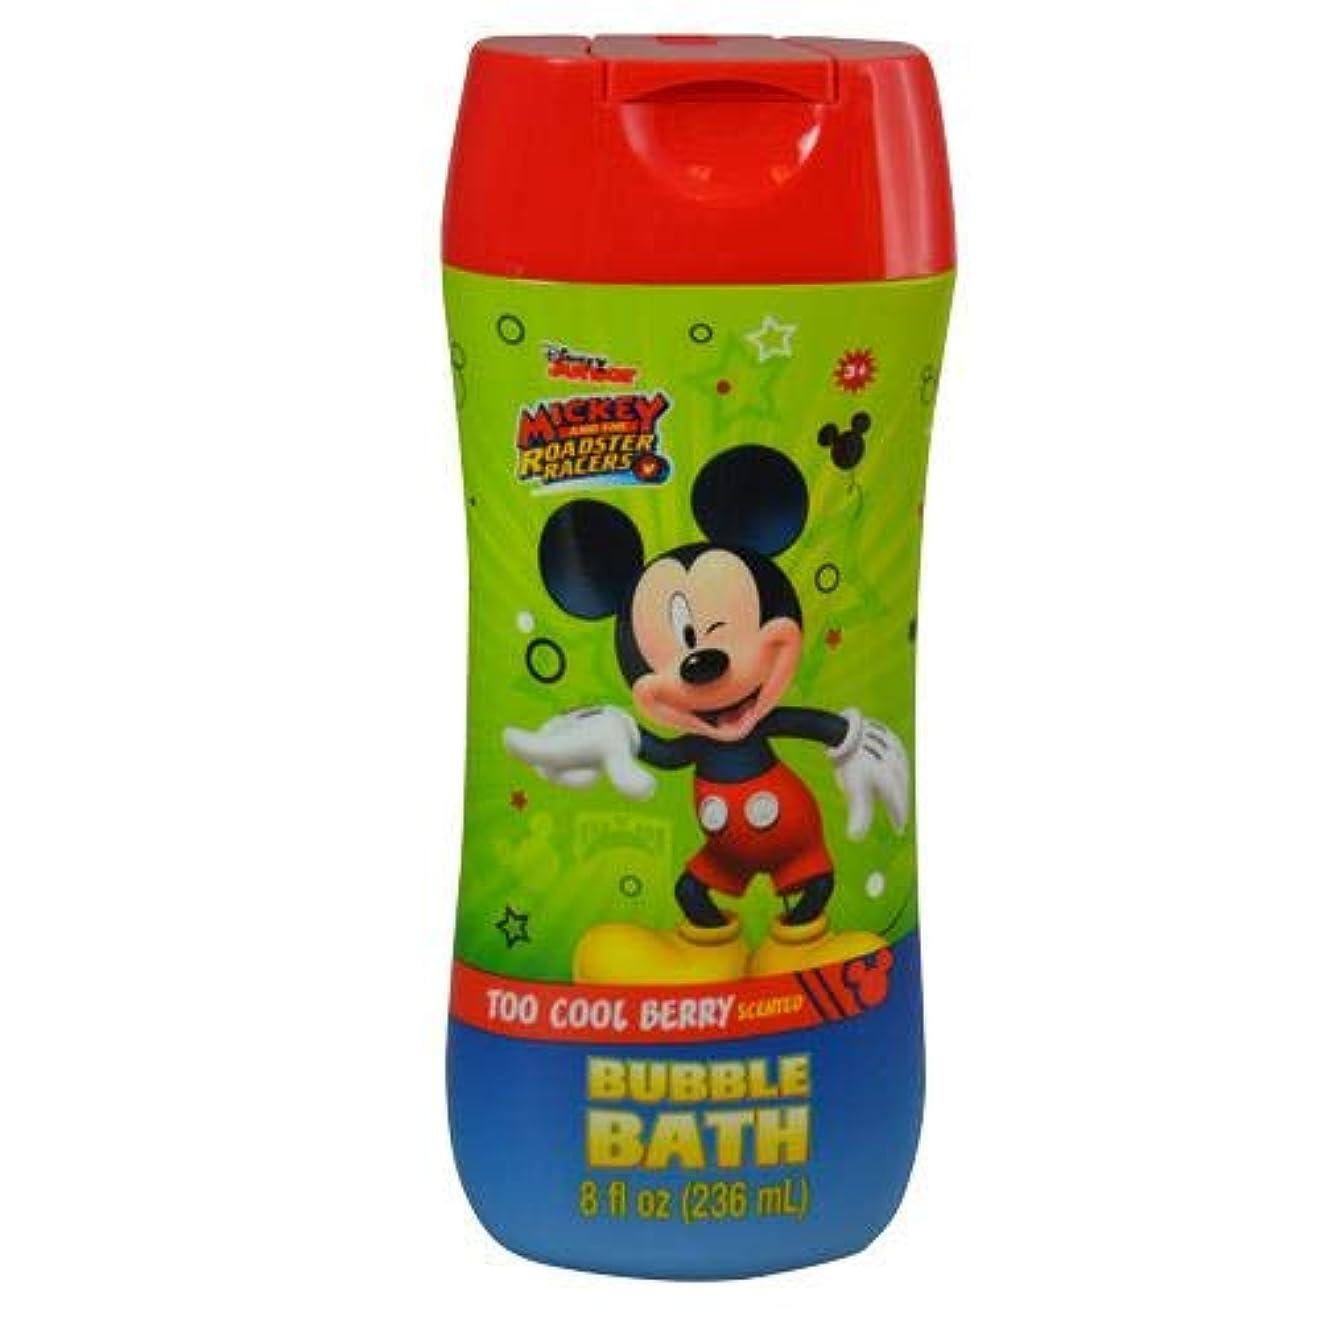 爬虫類吸い込むひもミッキー バブルバス 13398 子供 子供用 ディズニー Disney キャラクター グッズ【即日?翌日発送】